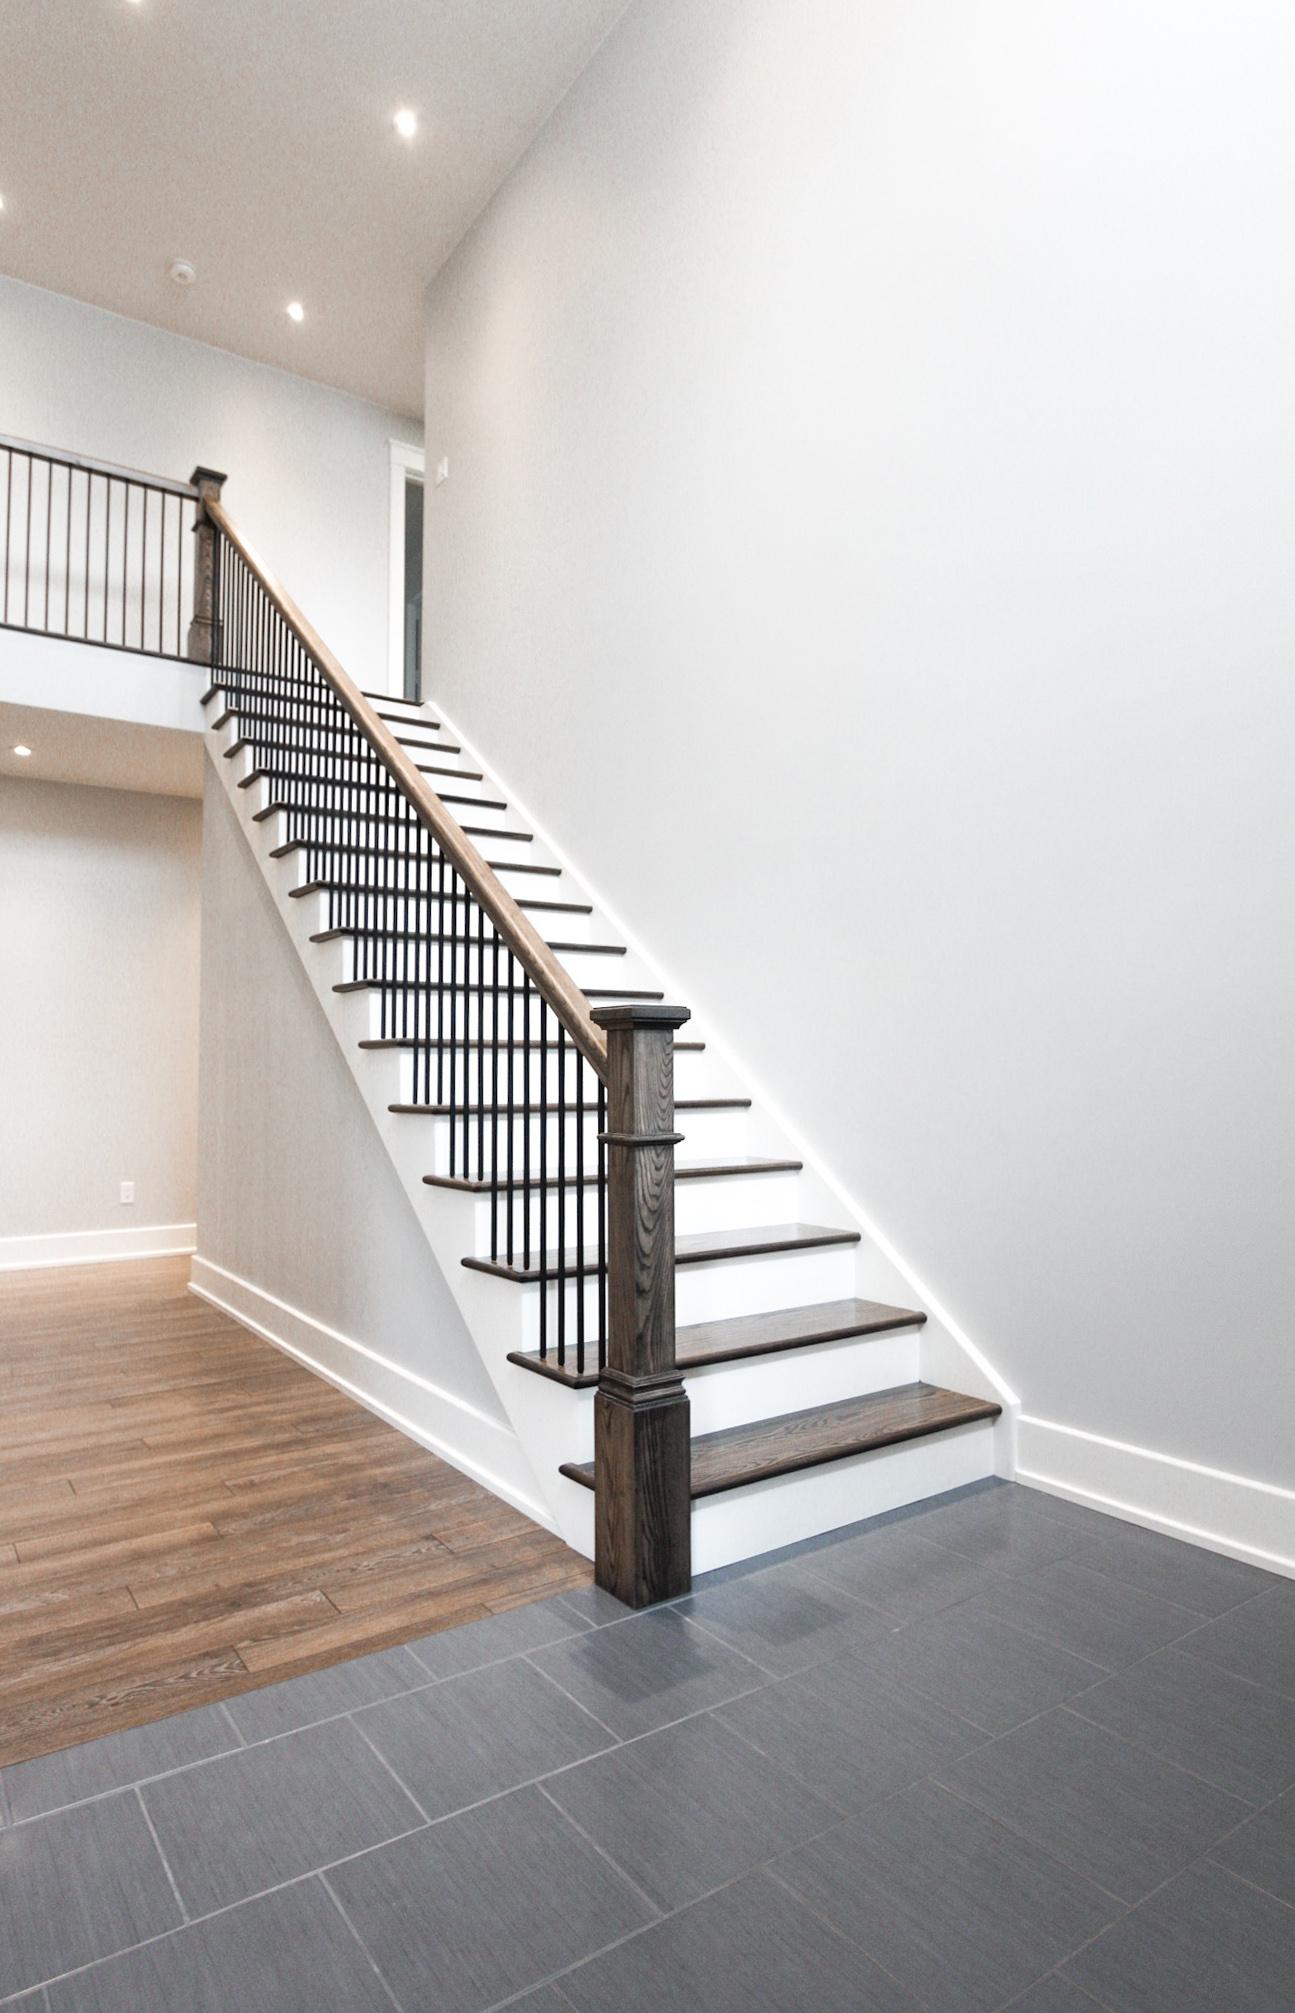 stairs_gallery.jpg